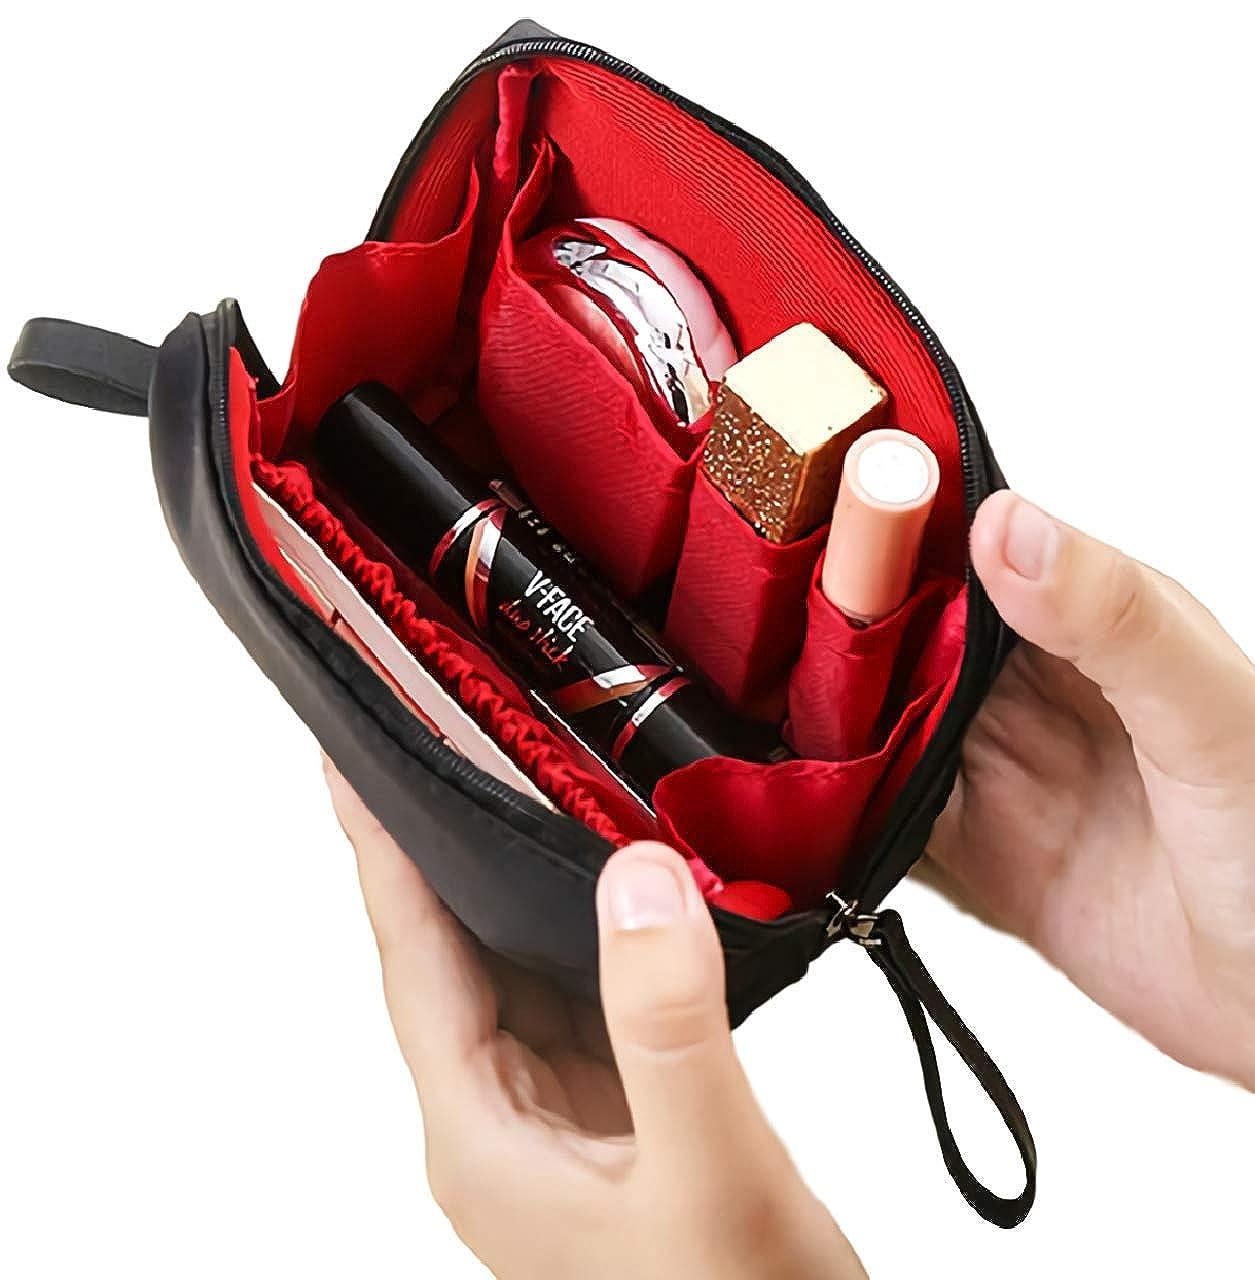 [ウレギッシュ] 化粧ポーチ コンパクト メイクポーチ 化粧品 化粧道具 収納 バッグ (ブラック in レッド)